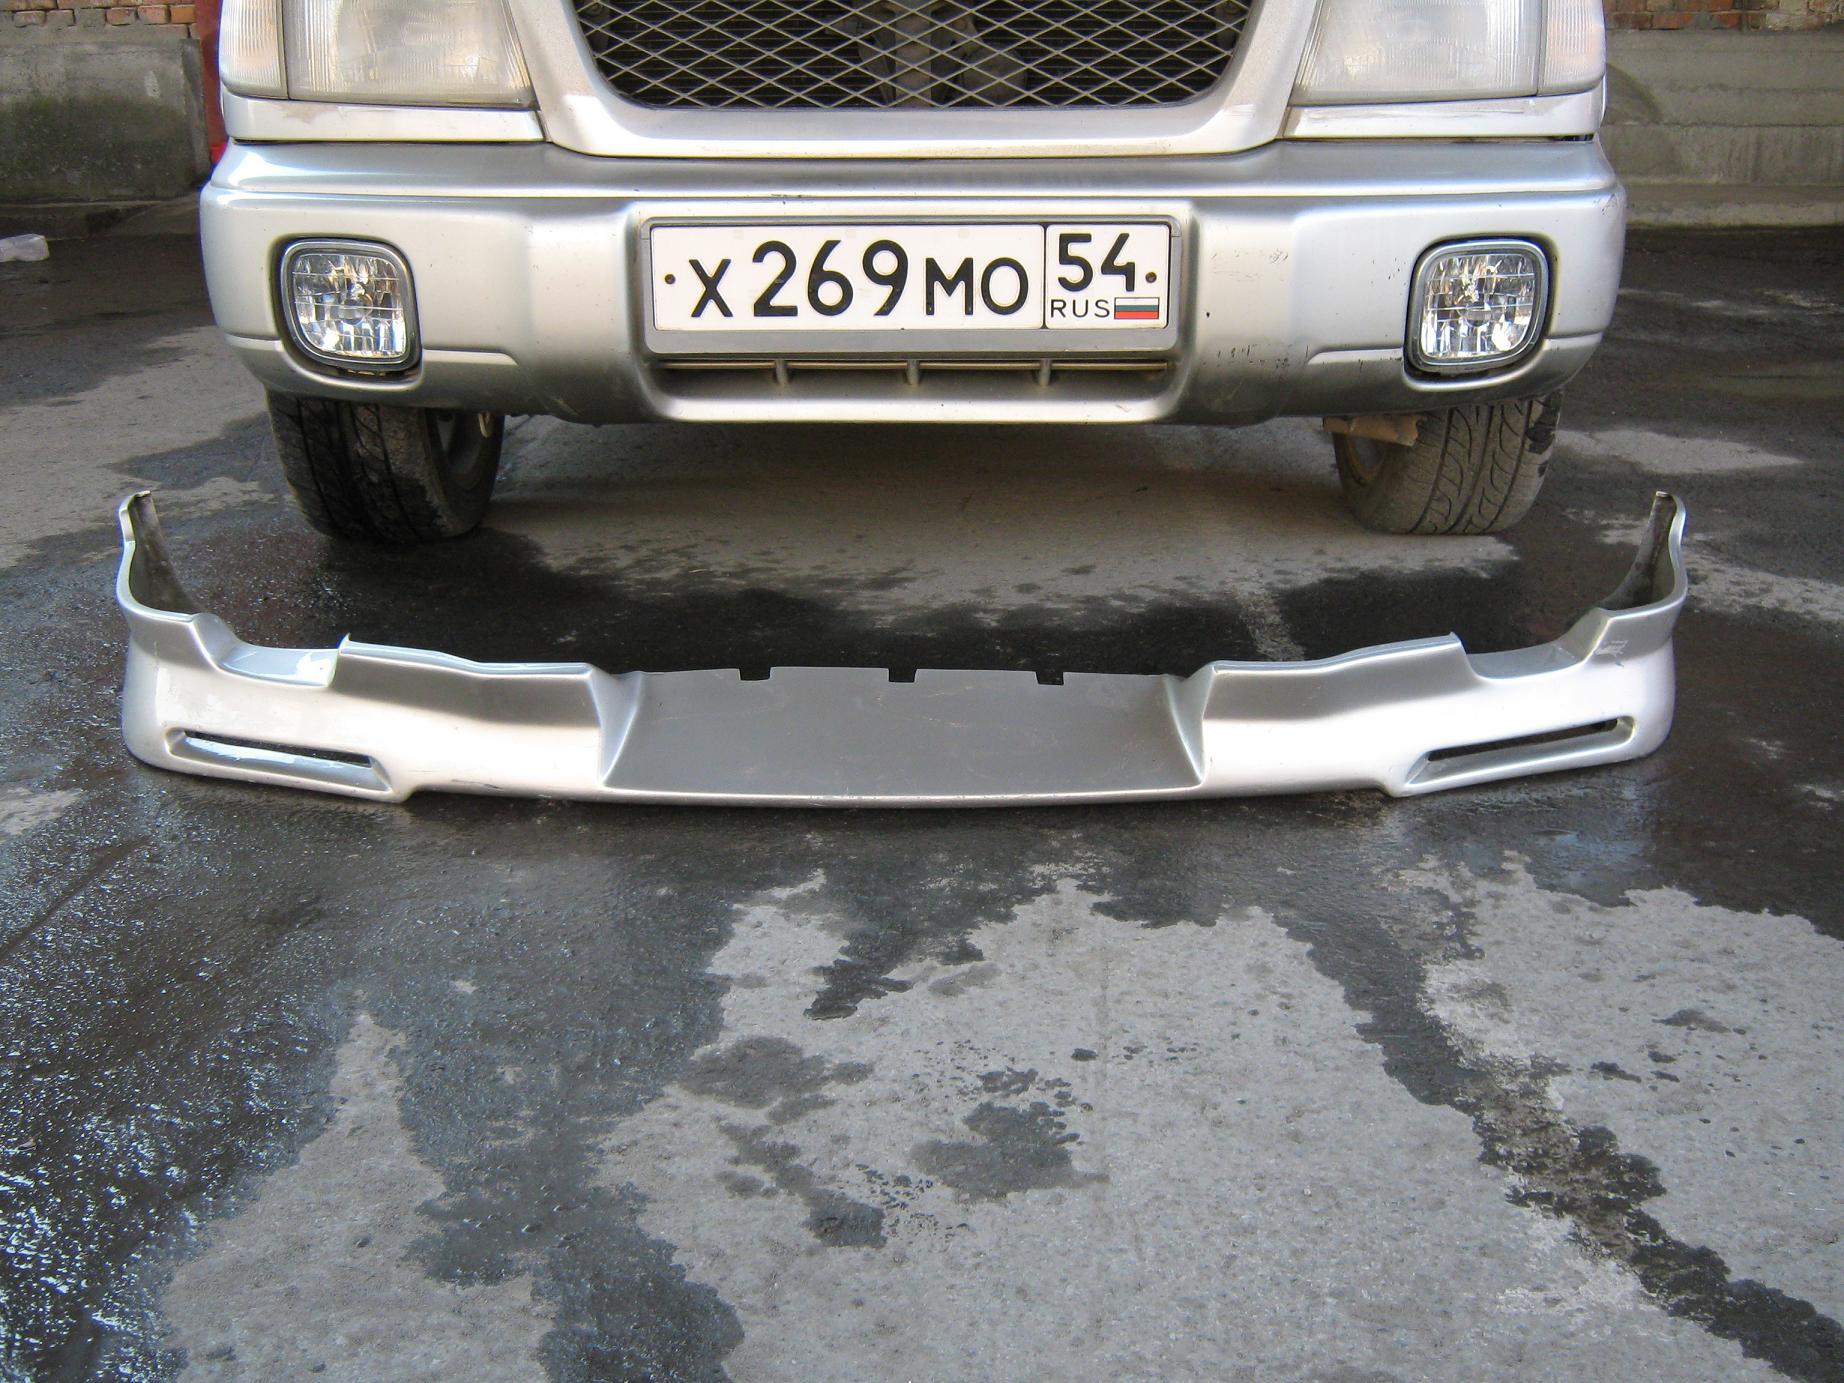 Perednyaya guba pod bamper 001 - Установка губы на бампер